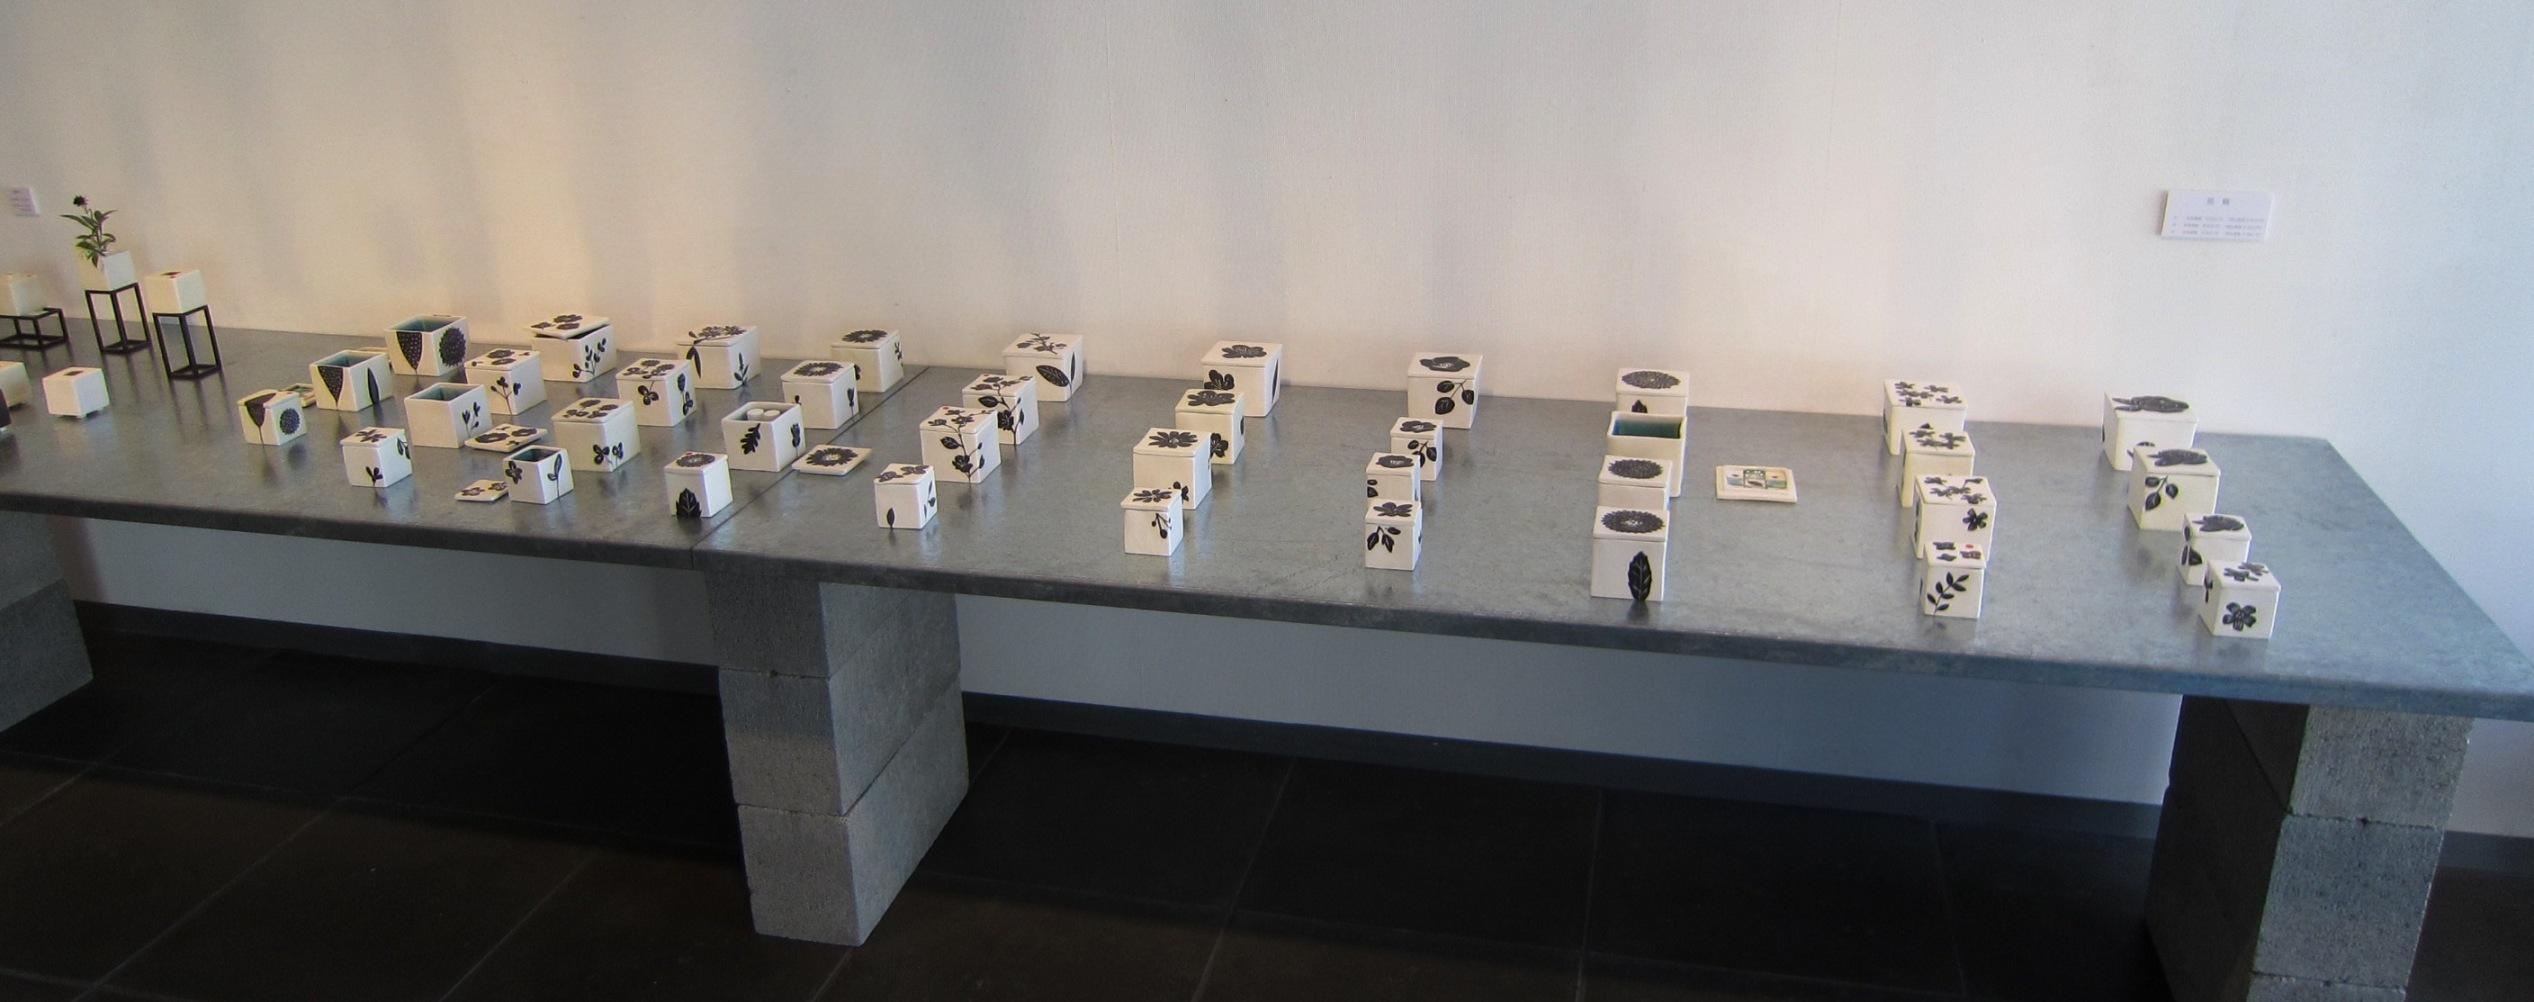 2423) 「岩寺かおり展 『ハナノハコ』(陶芸)」 創 終了/7月16日(水)~7月21日(月)_f0126829_784817.jpg